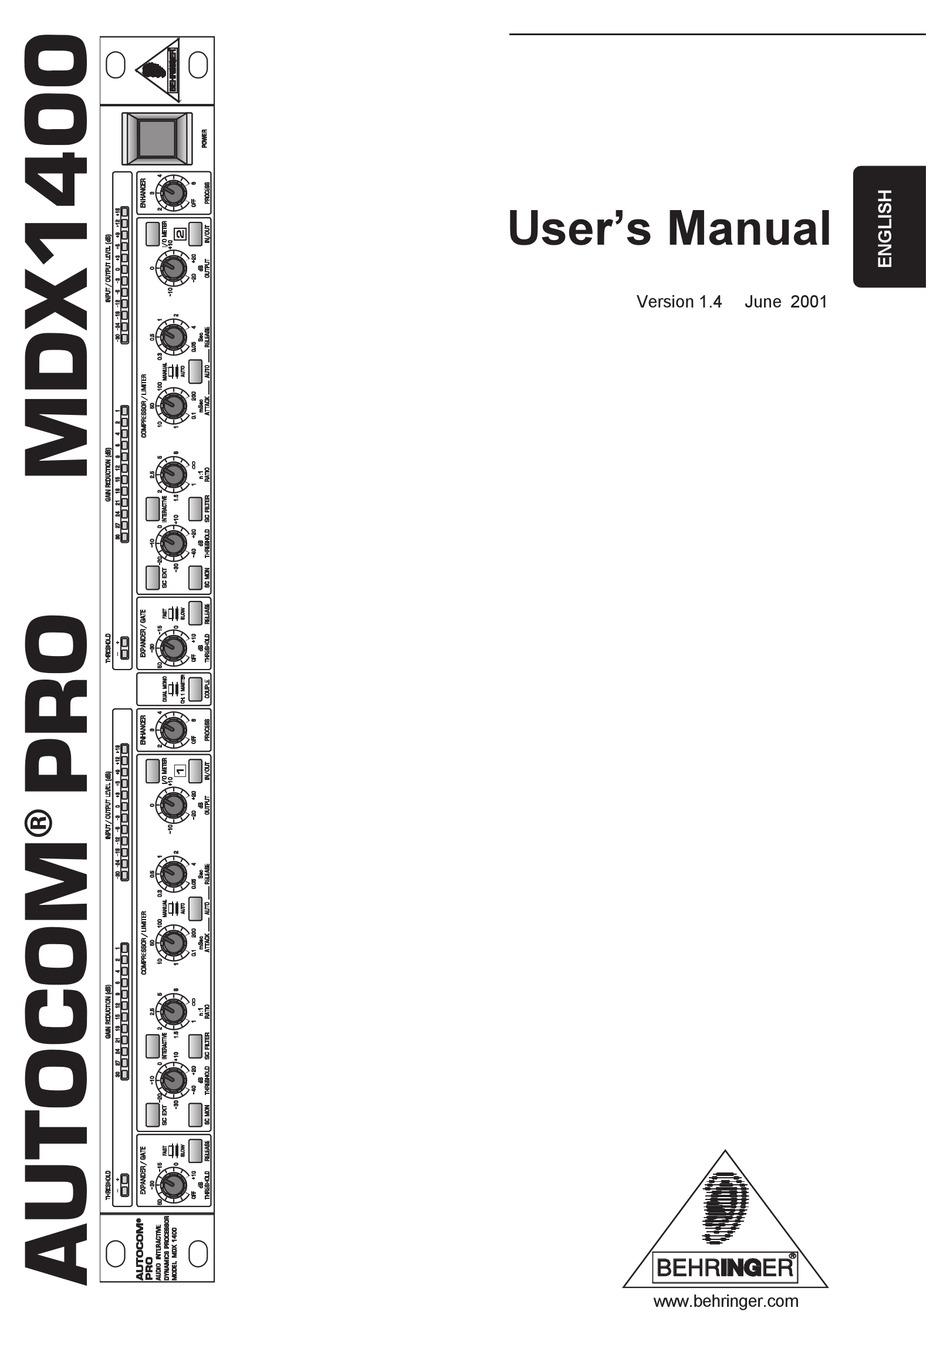 BEHRINGER AUTOCOM PRO MDX1400 USER MANUAL Pdf Download